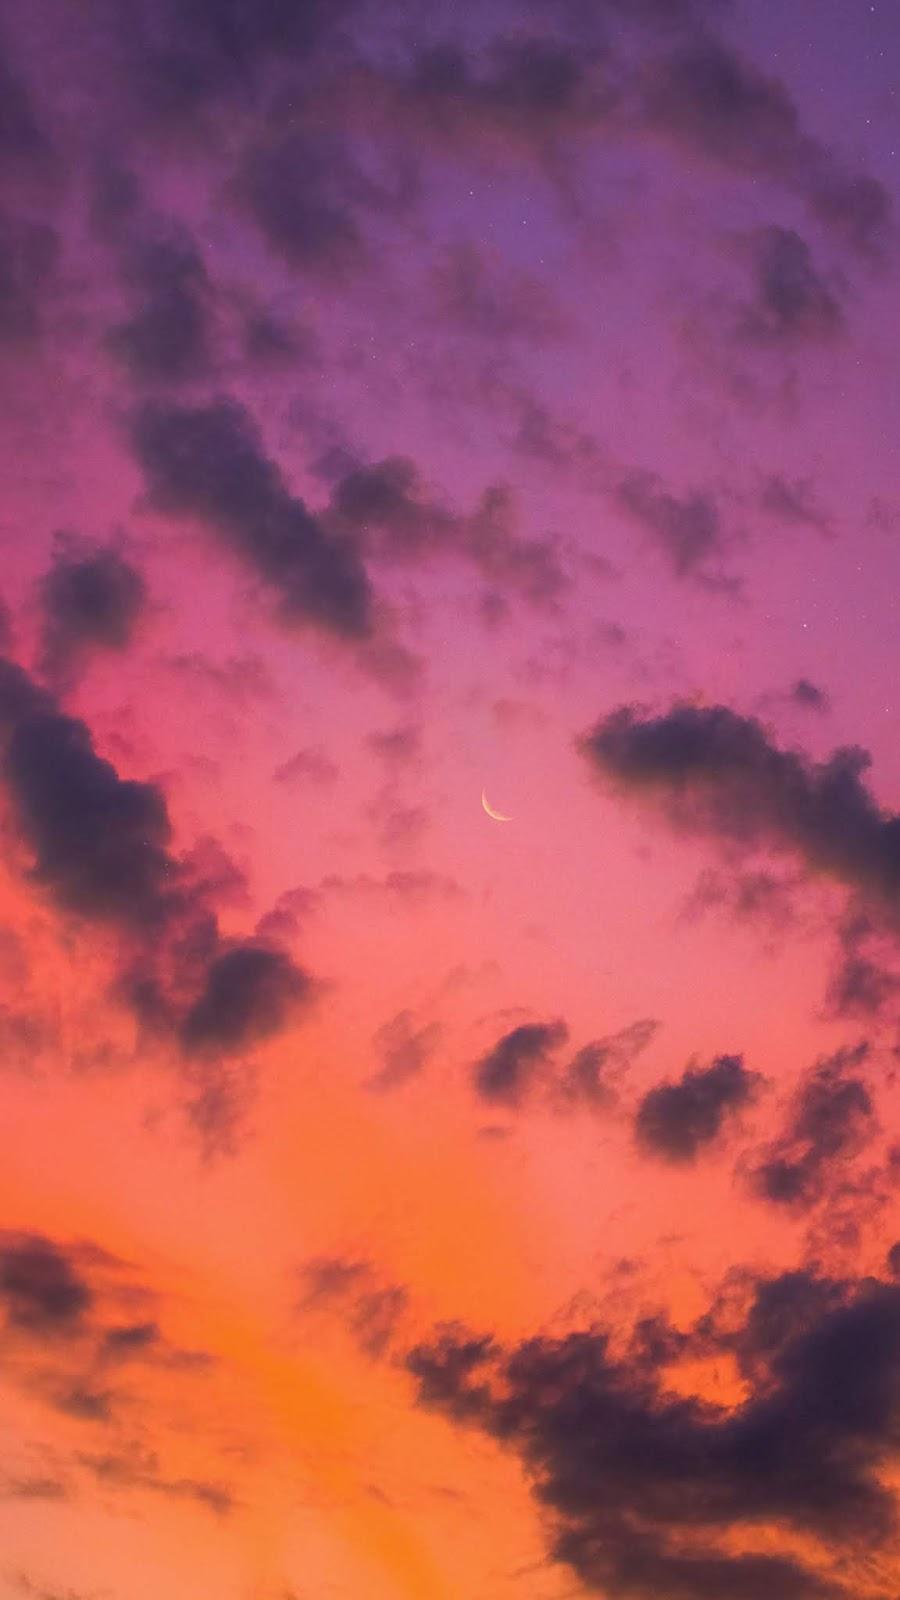 Stunning night sky